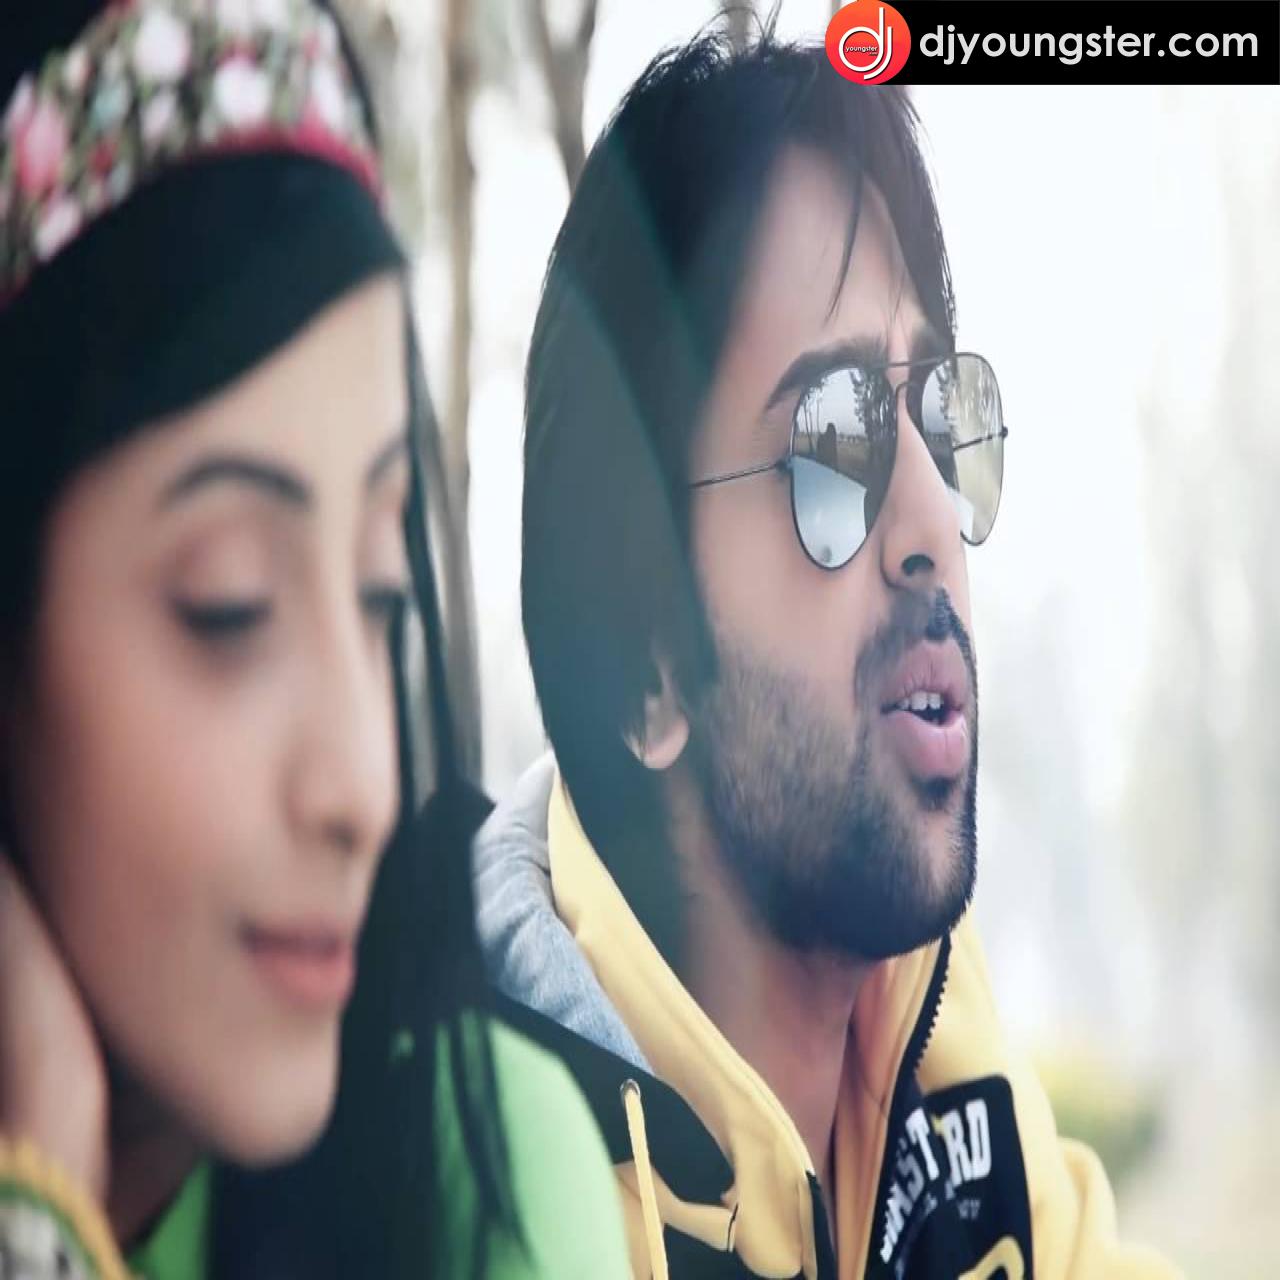 download mp3 song of bilal saeed